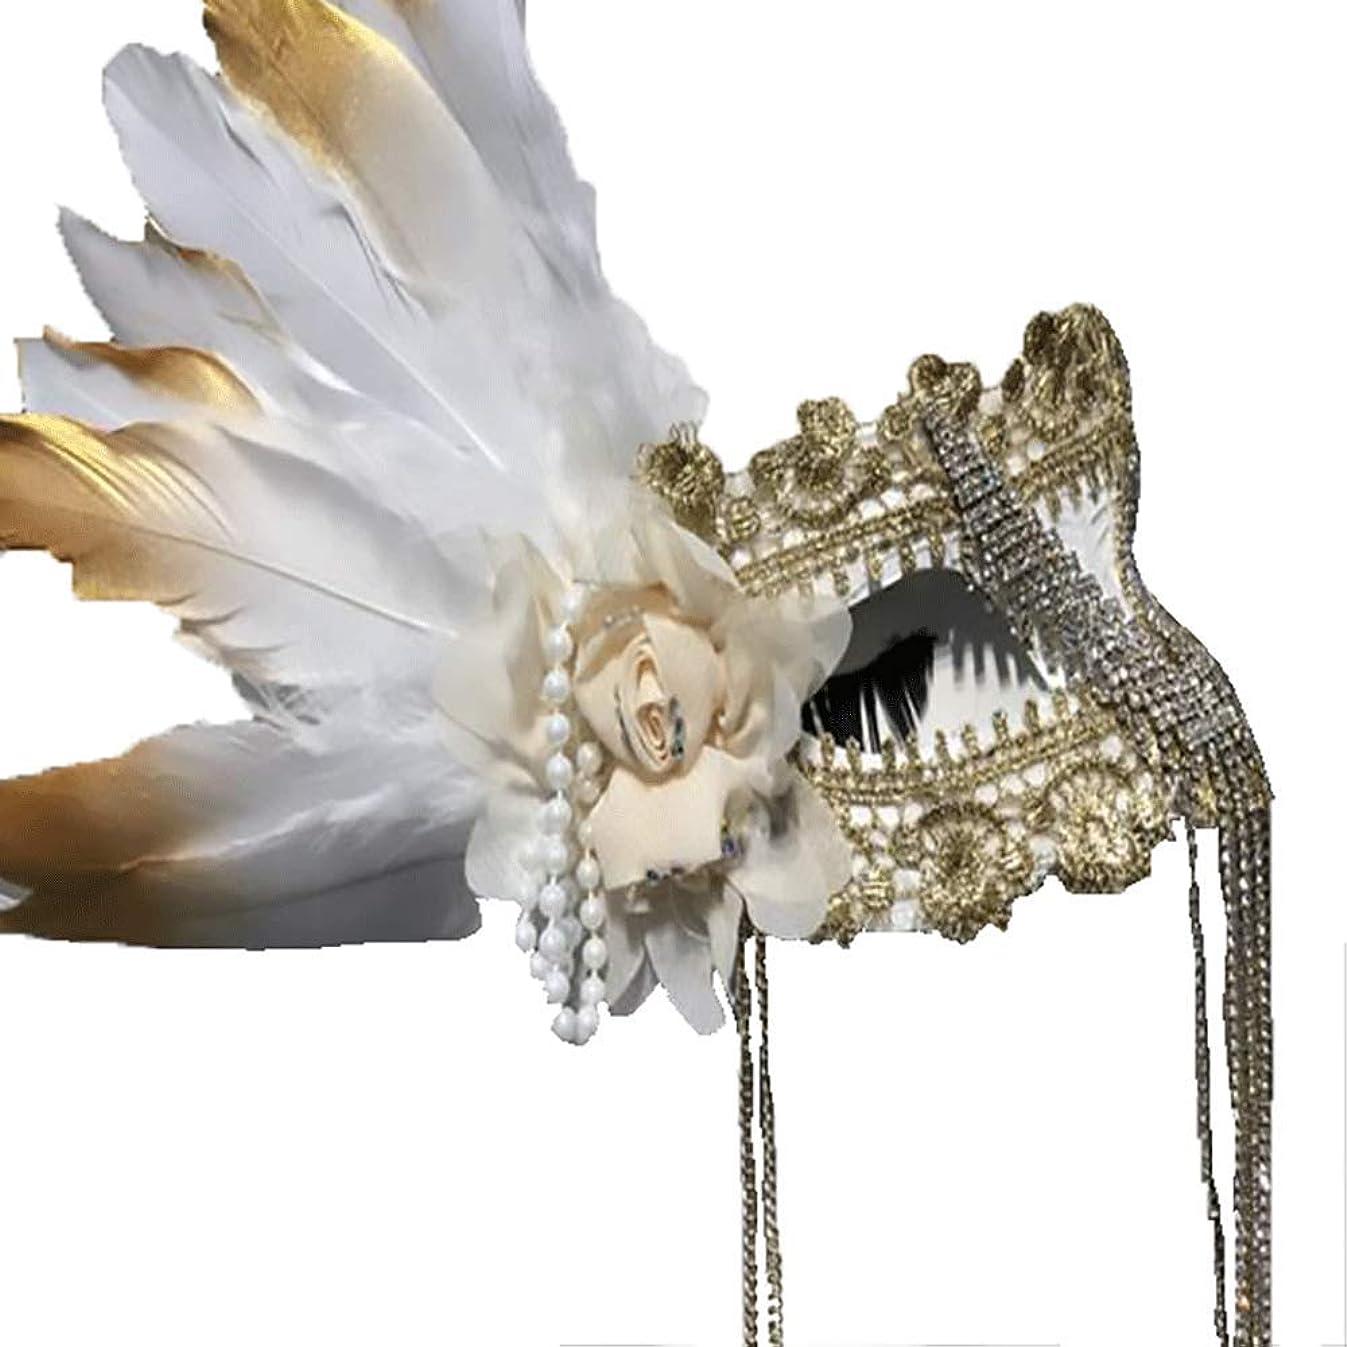 黙認するペチコート連隊Nanle ハロウィーンのラインストーンフリンジフェザー刺繍花マスク仮装マスクレディミスプリンセス美容祭パーティーデコレーションマスク